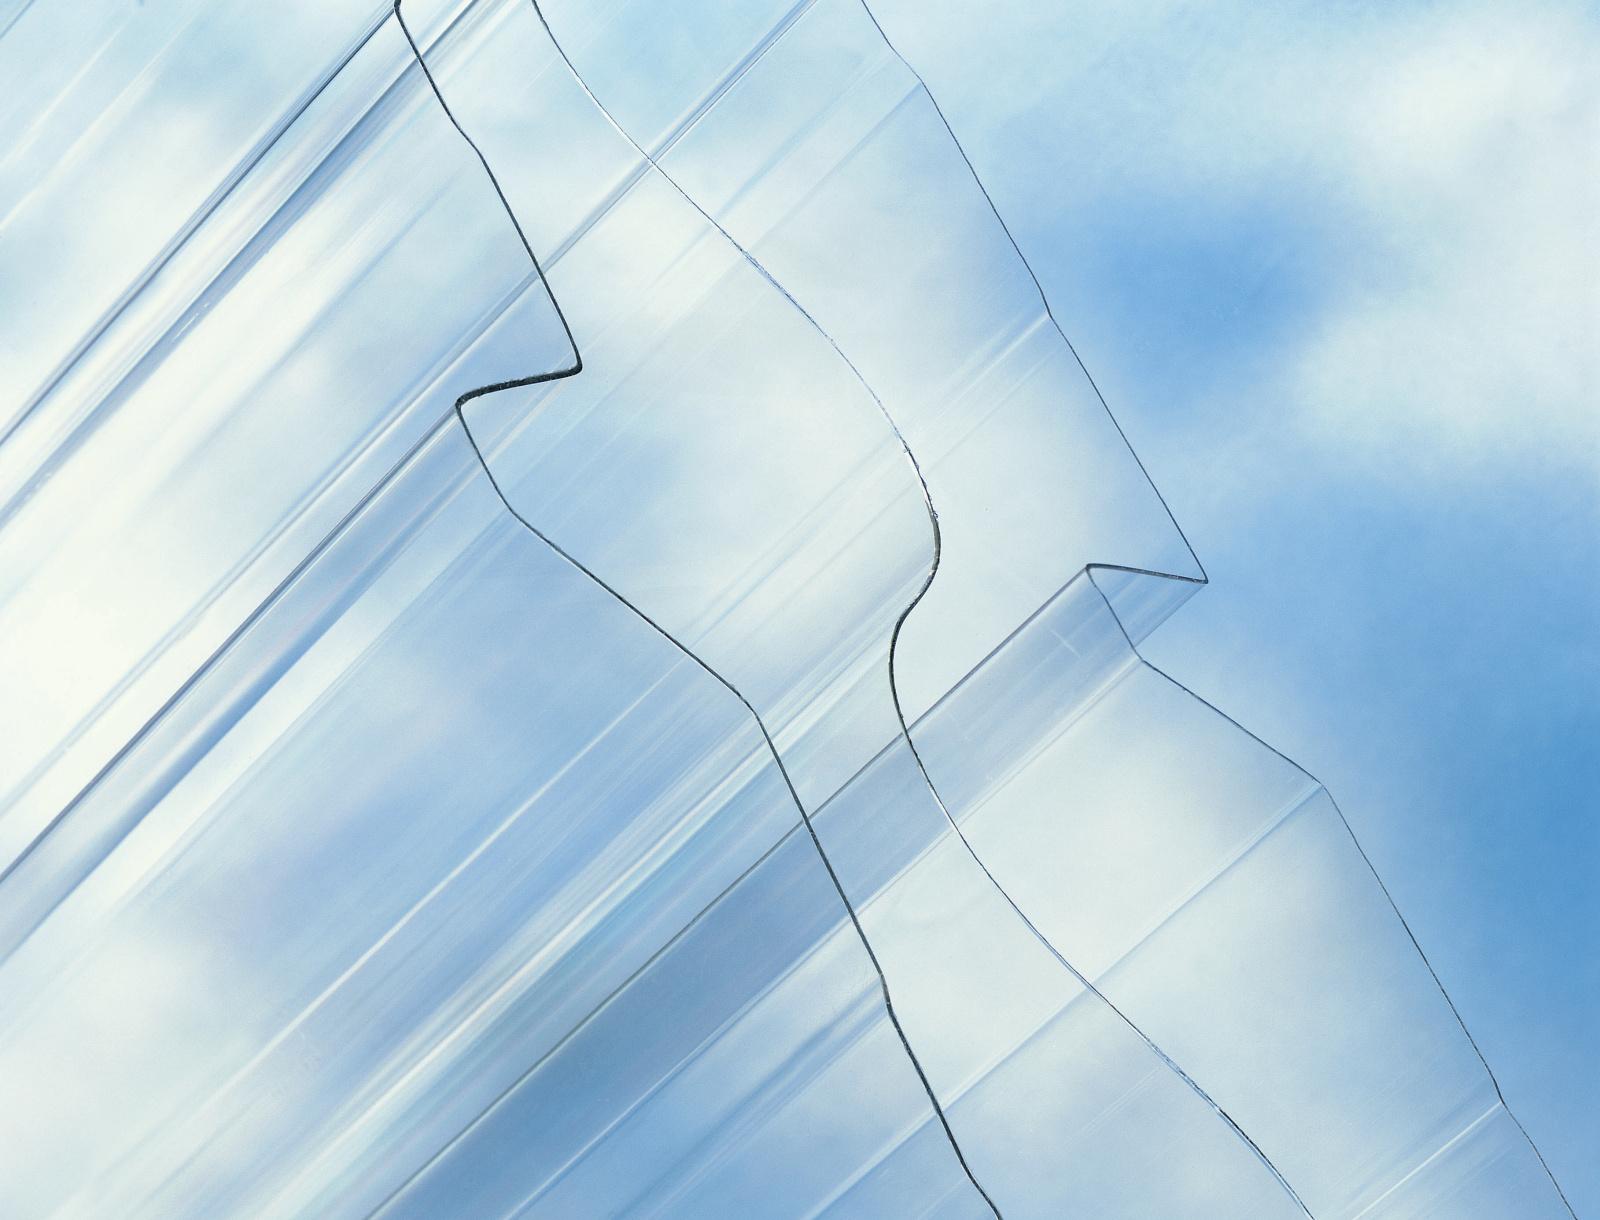 Trapézový polykarbonát Suntuf CS TR 137/18 síla 1,0 mm čirý 1,138x4m